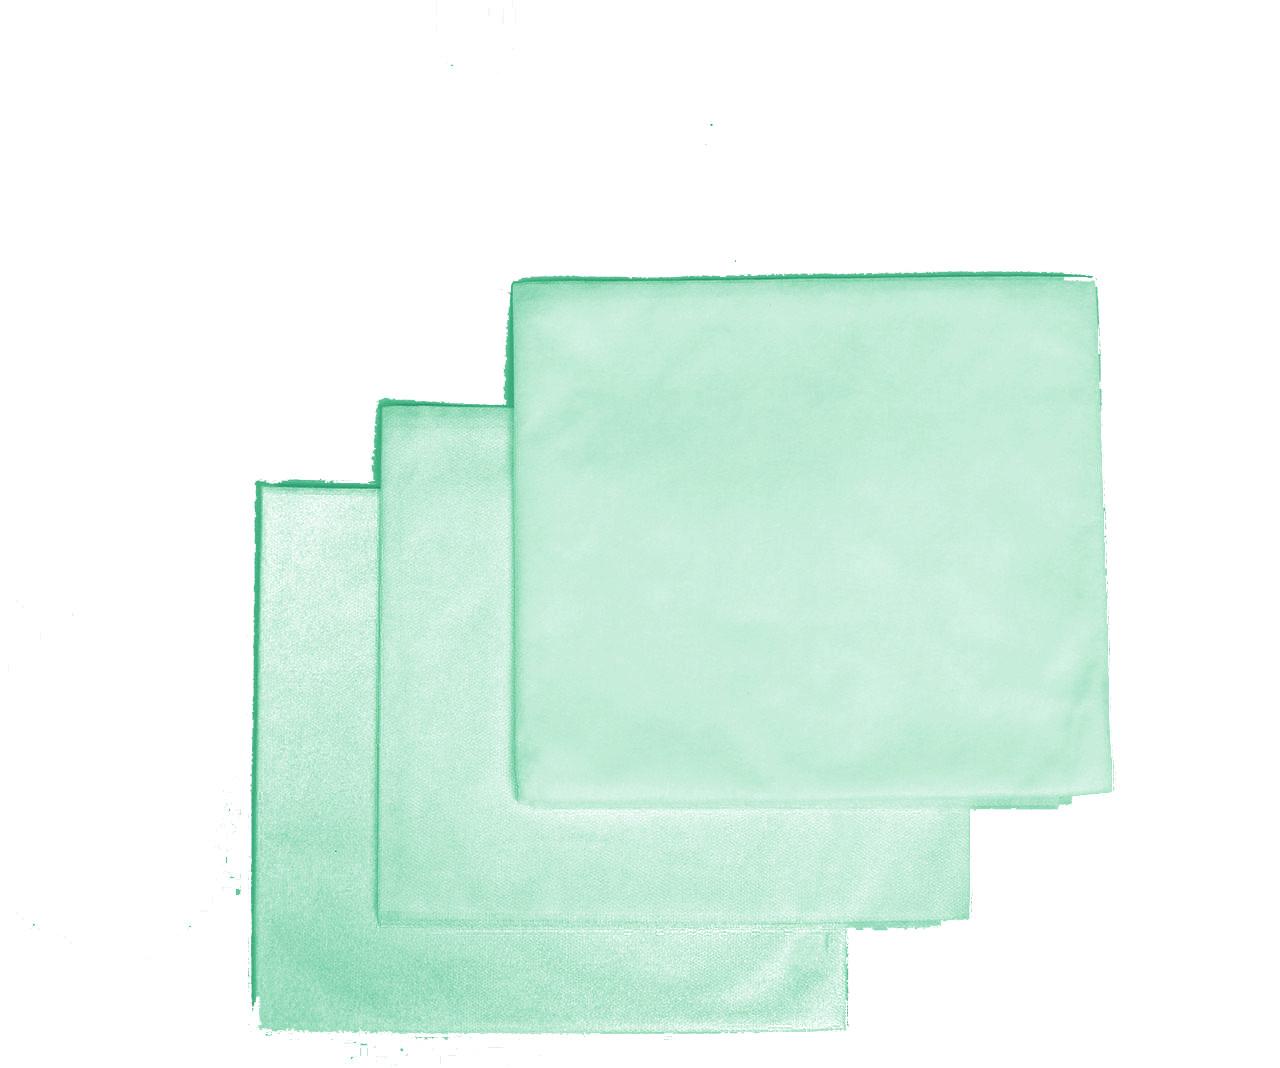 Пеленки одноразовые 0,8*1,0 м Polix PRO&MED со спанбонда 25г/м2 (50шт/уп.) 500 ШТ 10 УП Мятные